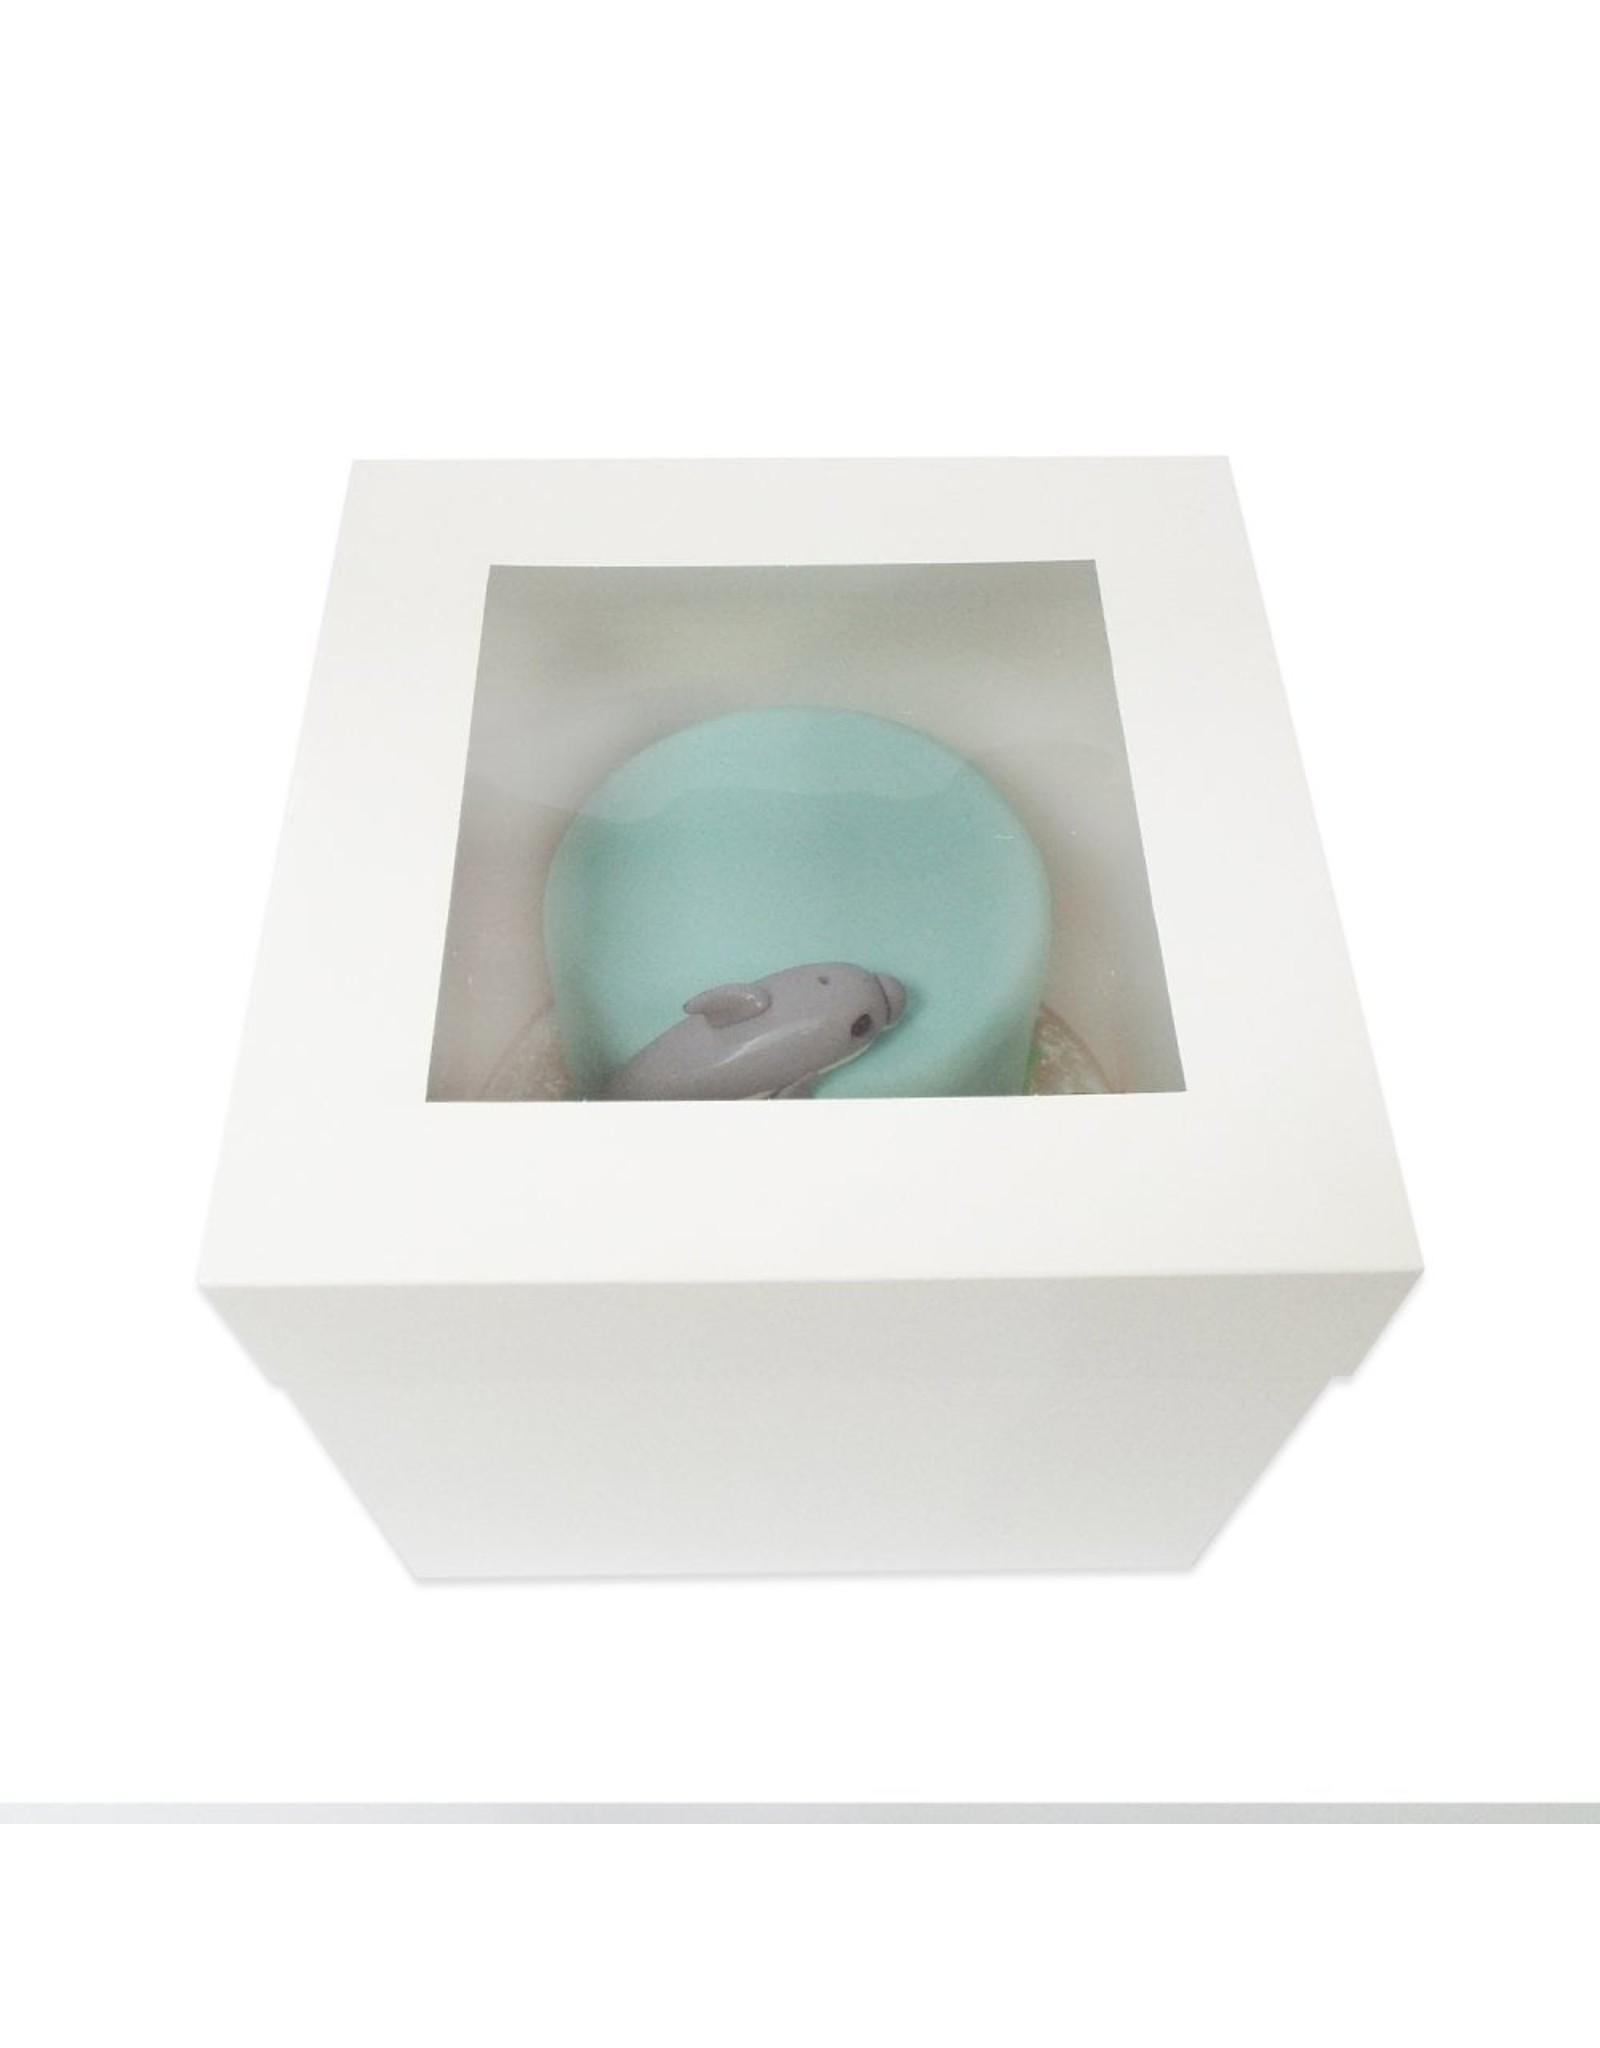 Hoge taartdoos met venster - 356 x 356 x 300 mm (per 50 stuks)